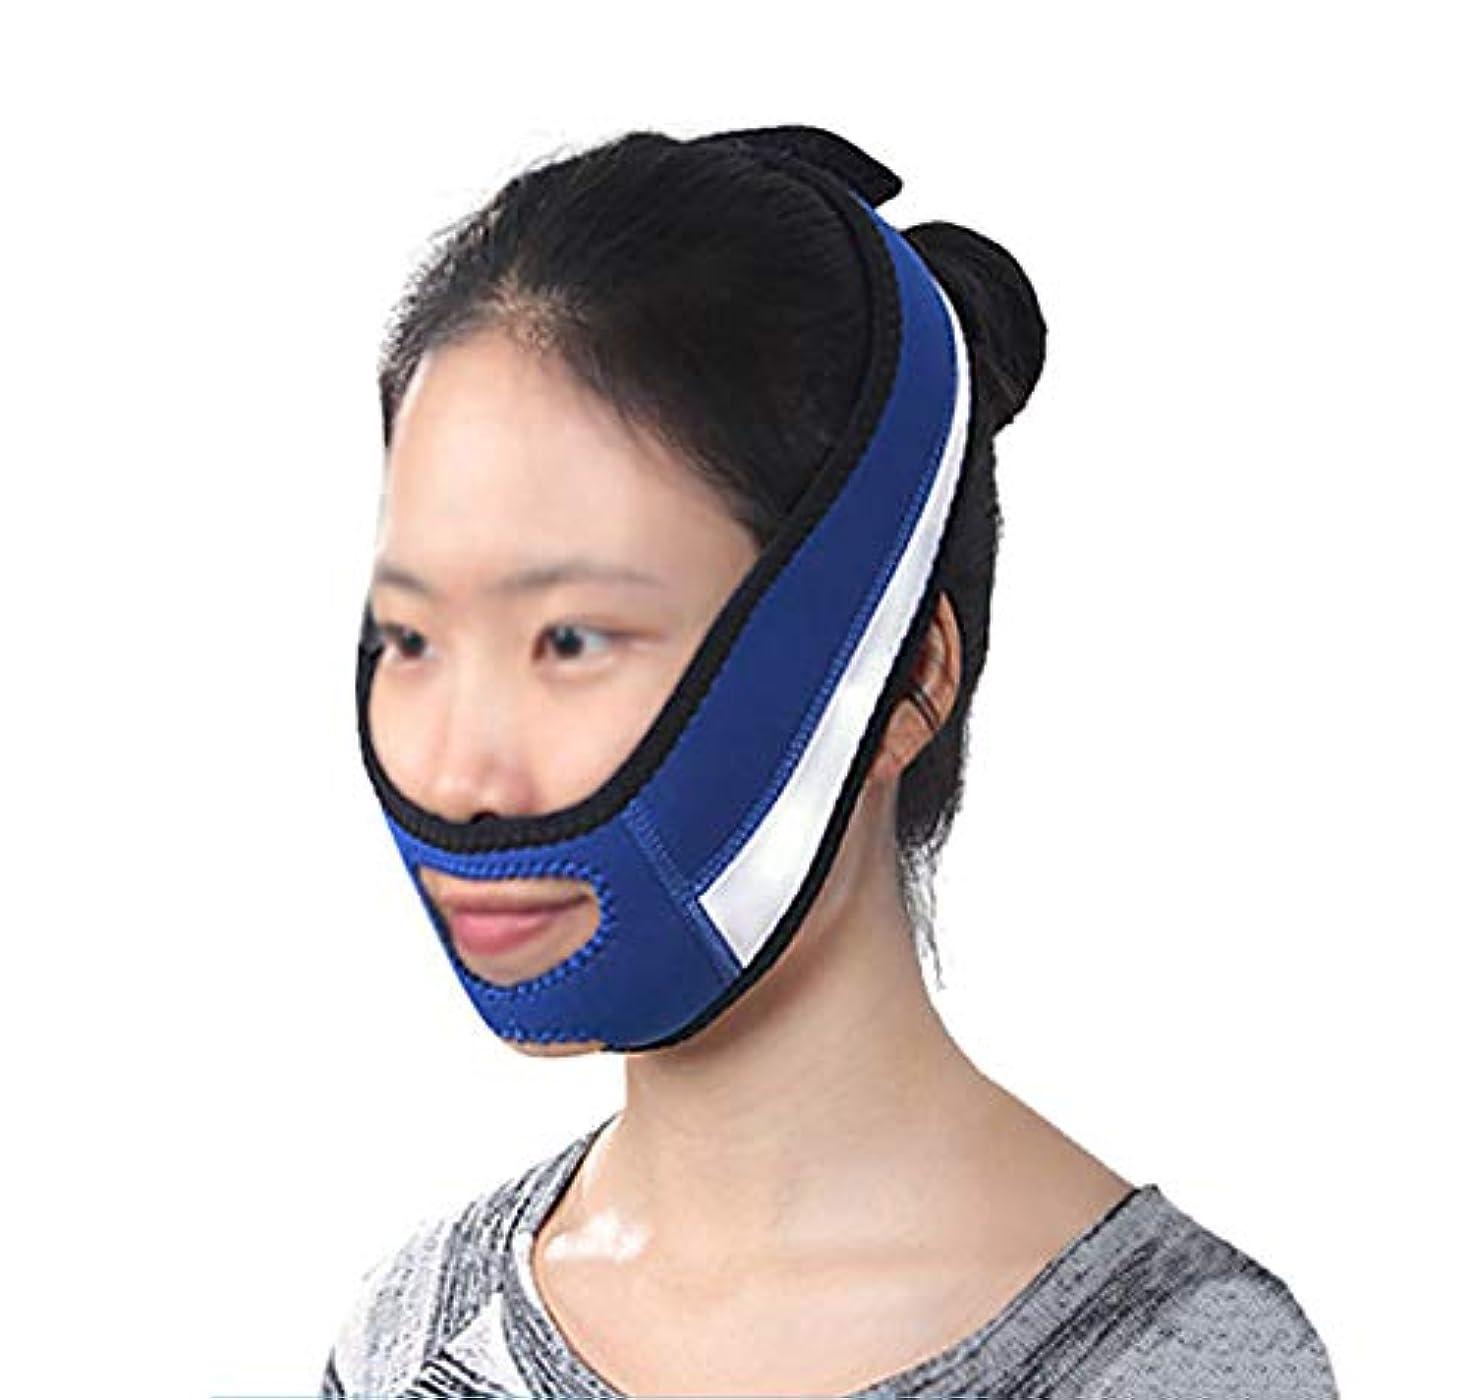 資料嘆く水銀のLJK 薄い顔包帯フェイススリムは、二重あごを取り除くVラインの顔の形を作りますチンチークリフトアップアンチリンクルリフティングベルトフェイスマッサージツール用女性と女の子